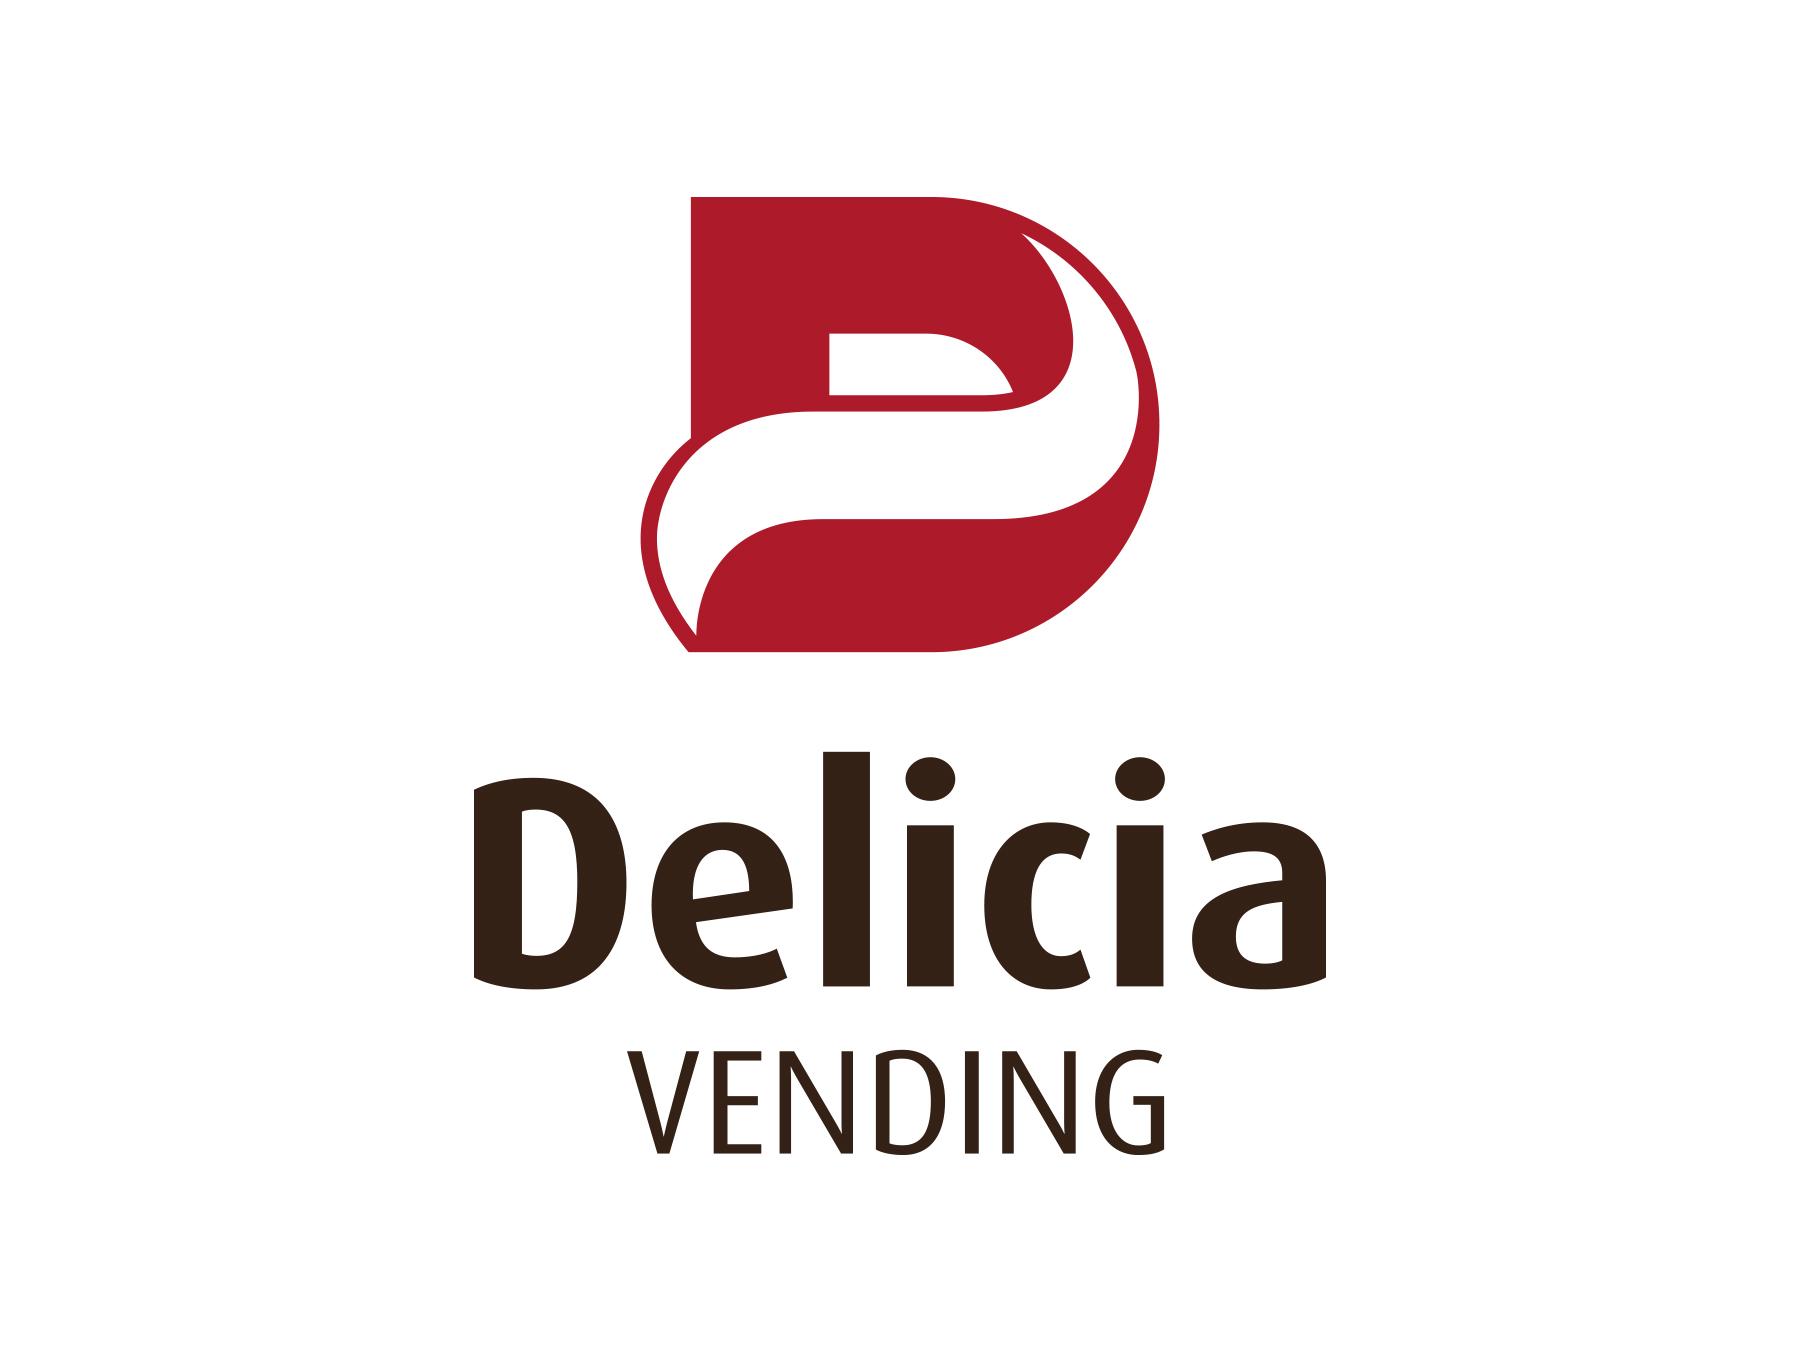 Графичен знак и логотип Delicia vending.